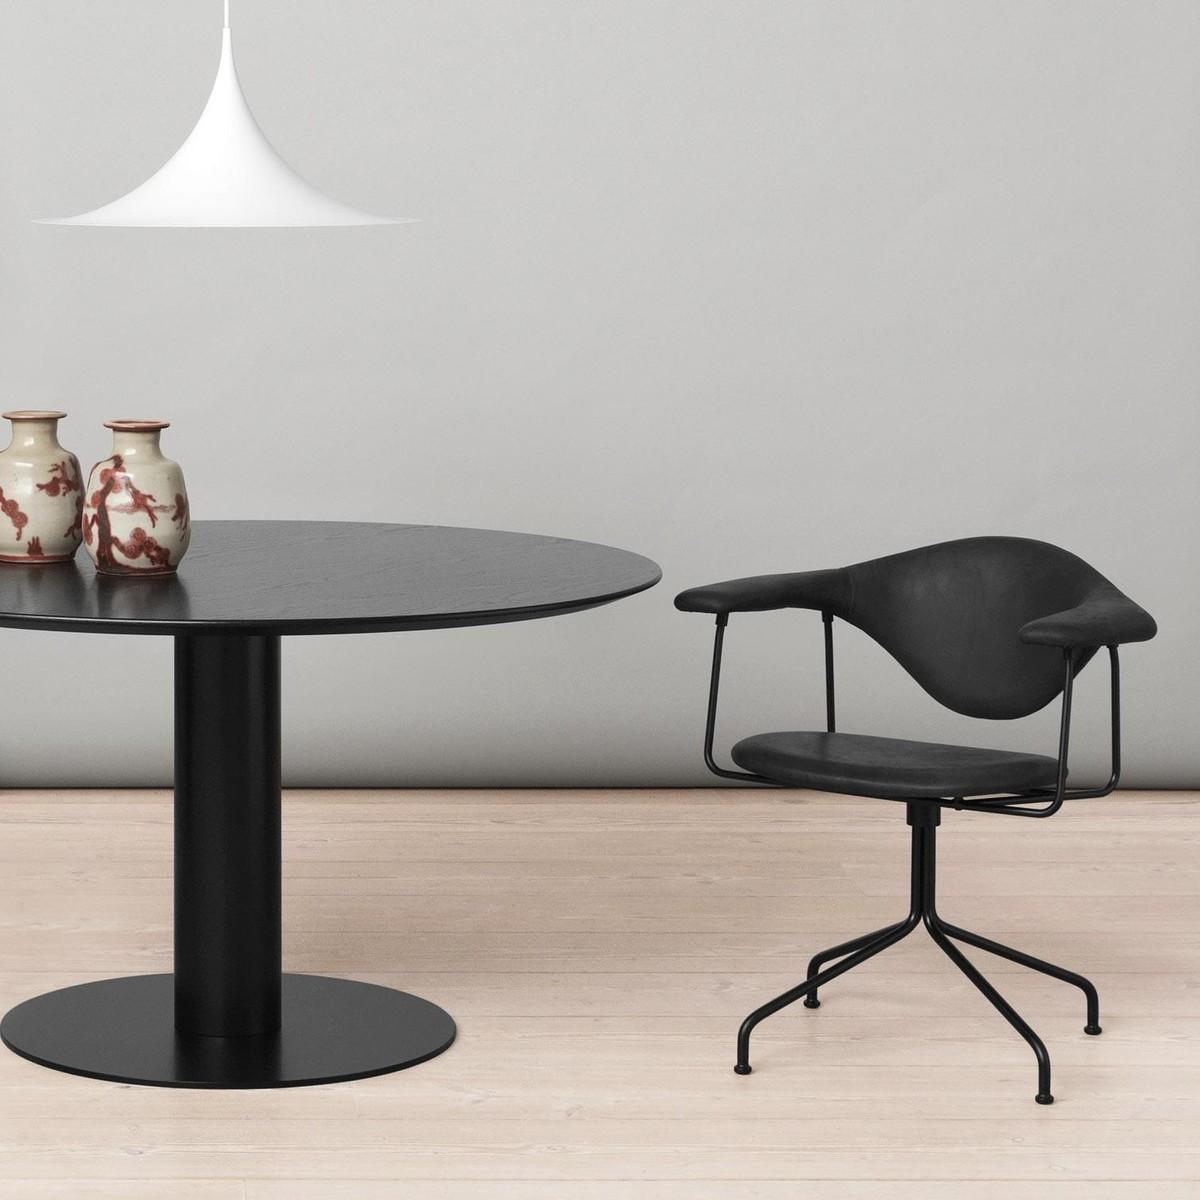 Gubi Masculo Dining Chair Drehstuhl Gubi